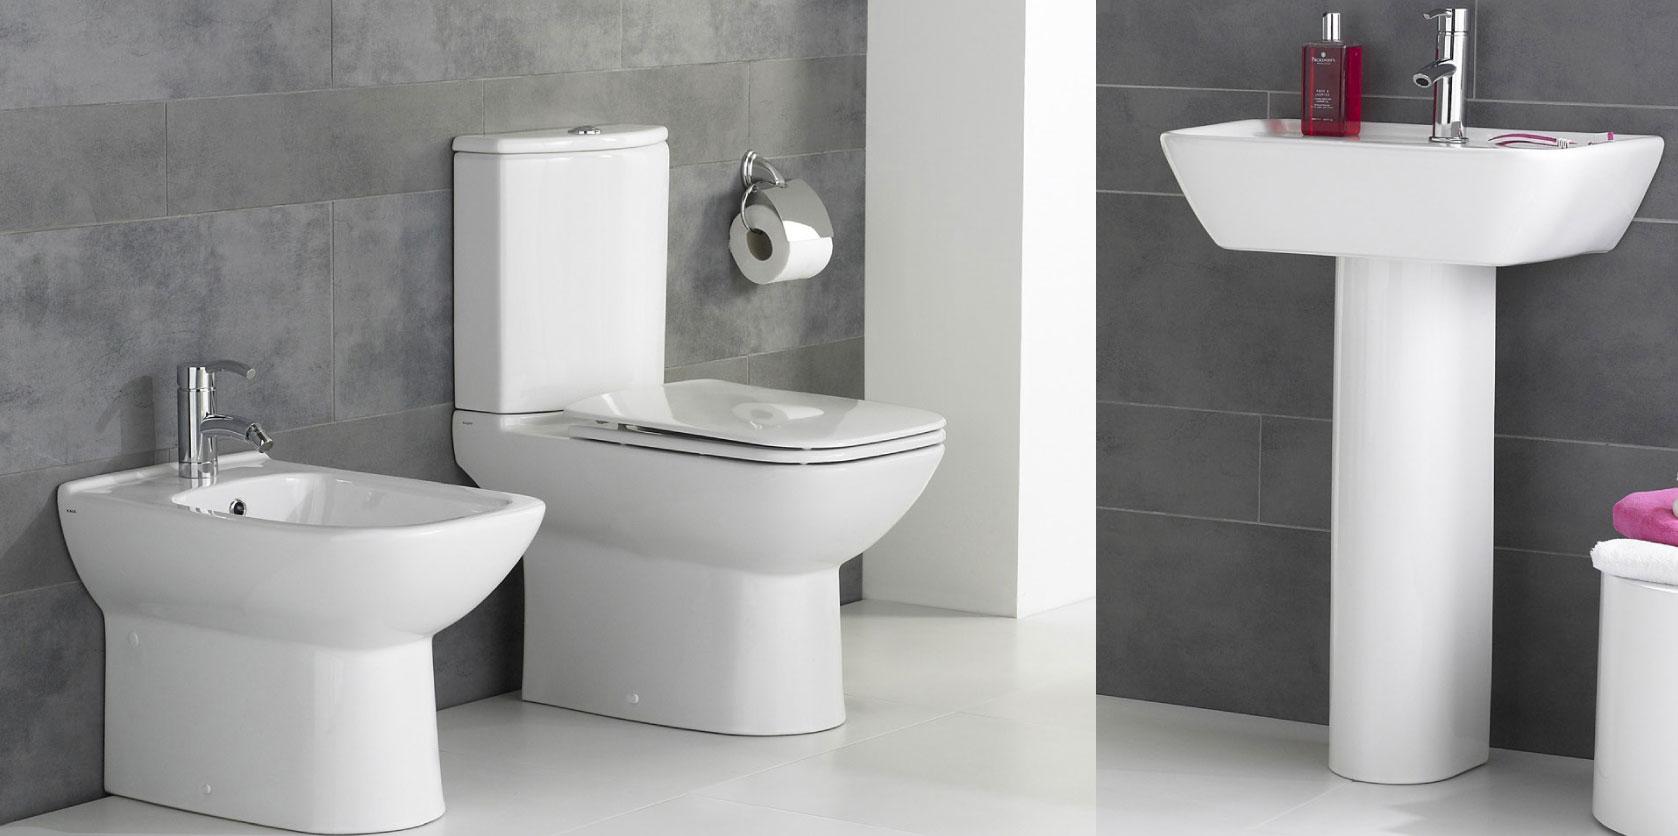 صورة اطقم حمامات , صور ديكورات لاطقم الحمامات المودرن